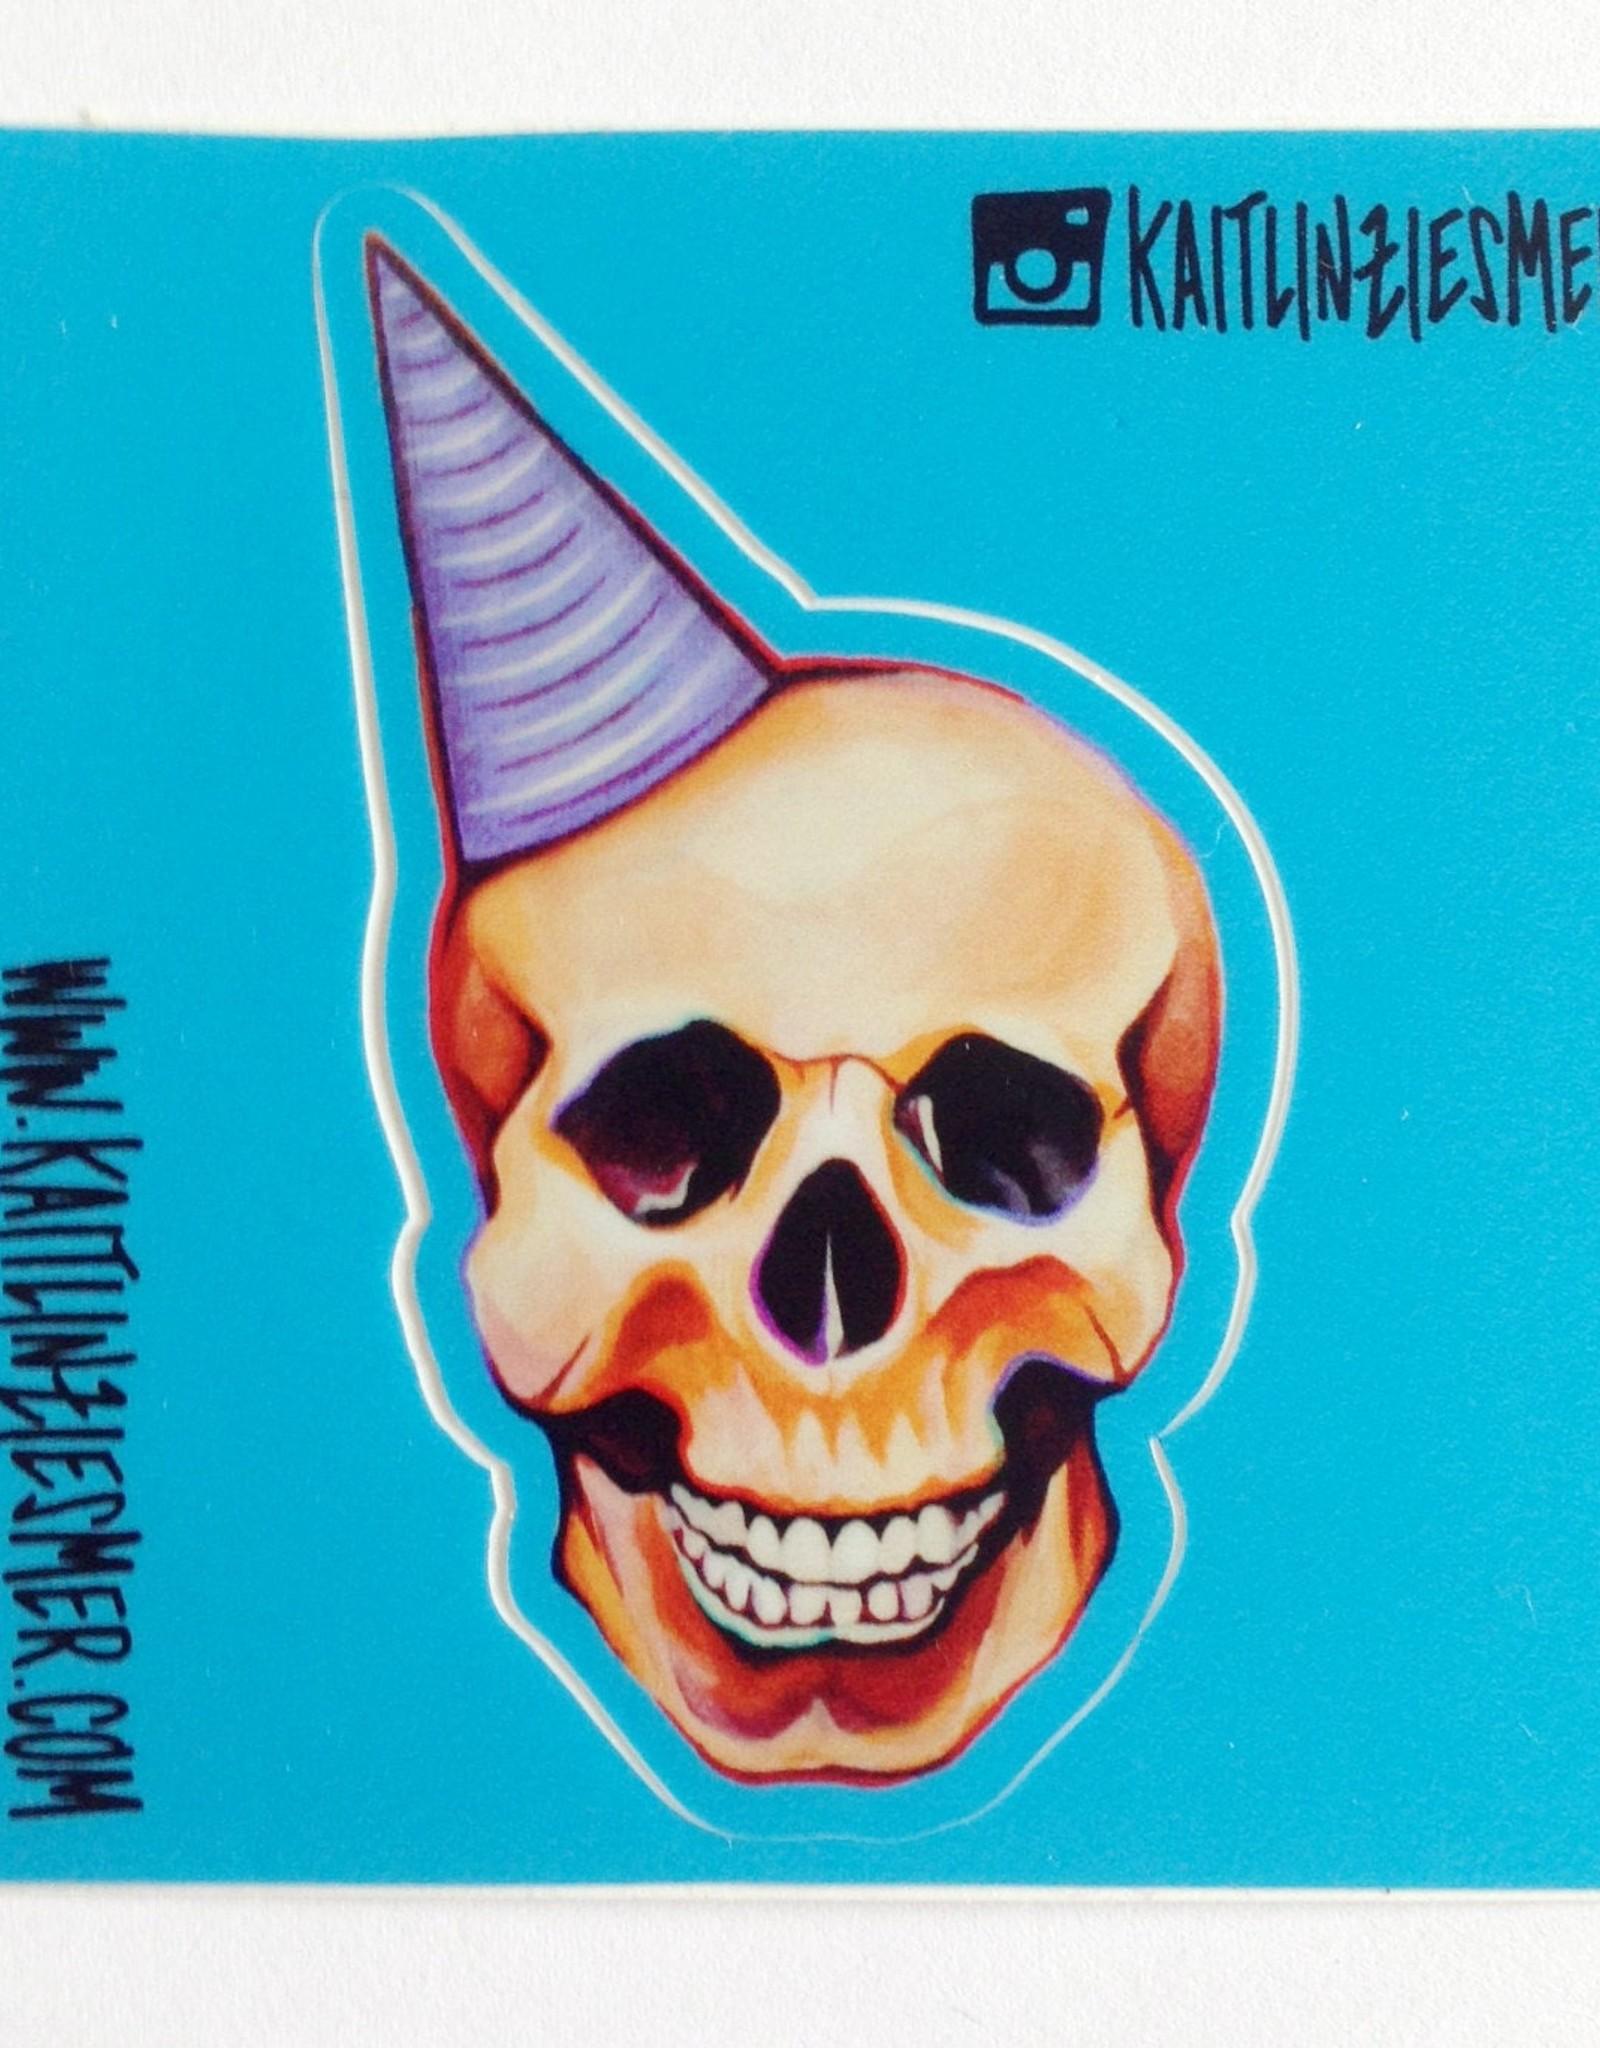 Kaitlin Ziesmer Diecut Stickers by Kaitlin Ziesmer